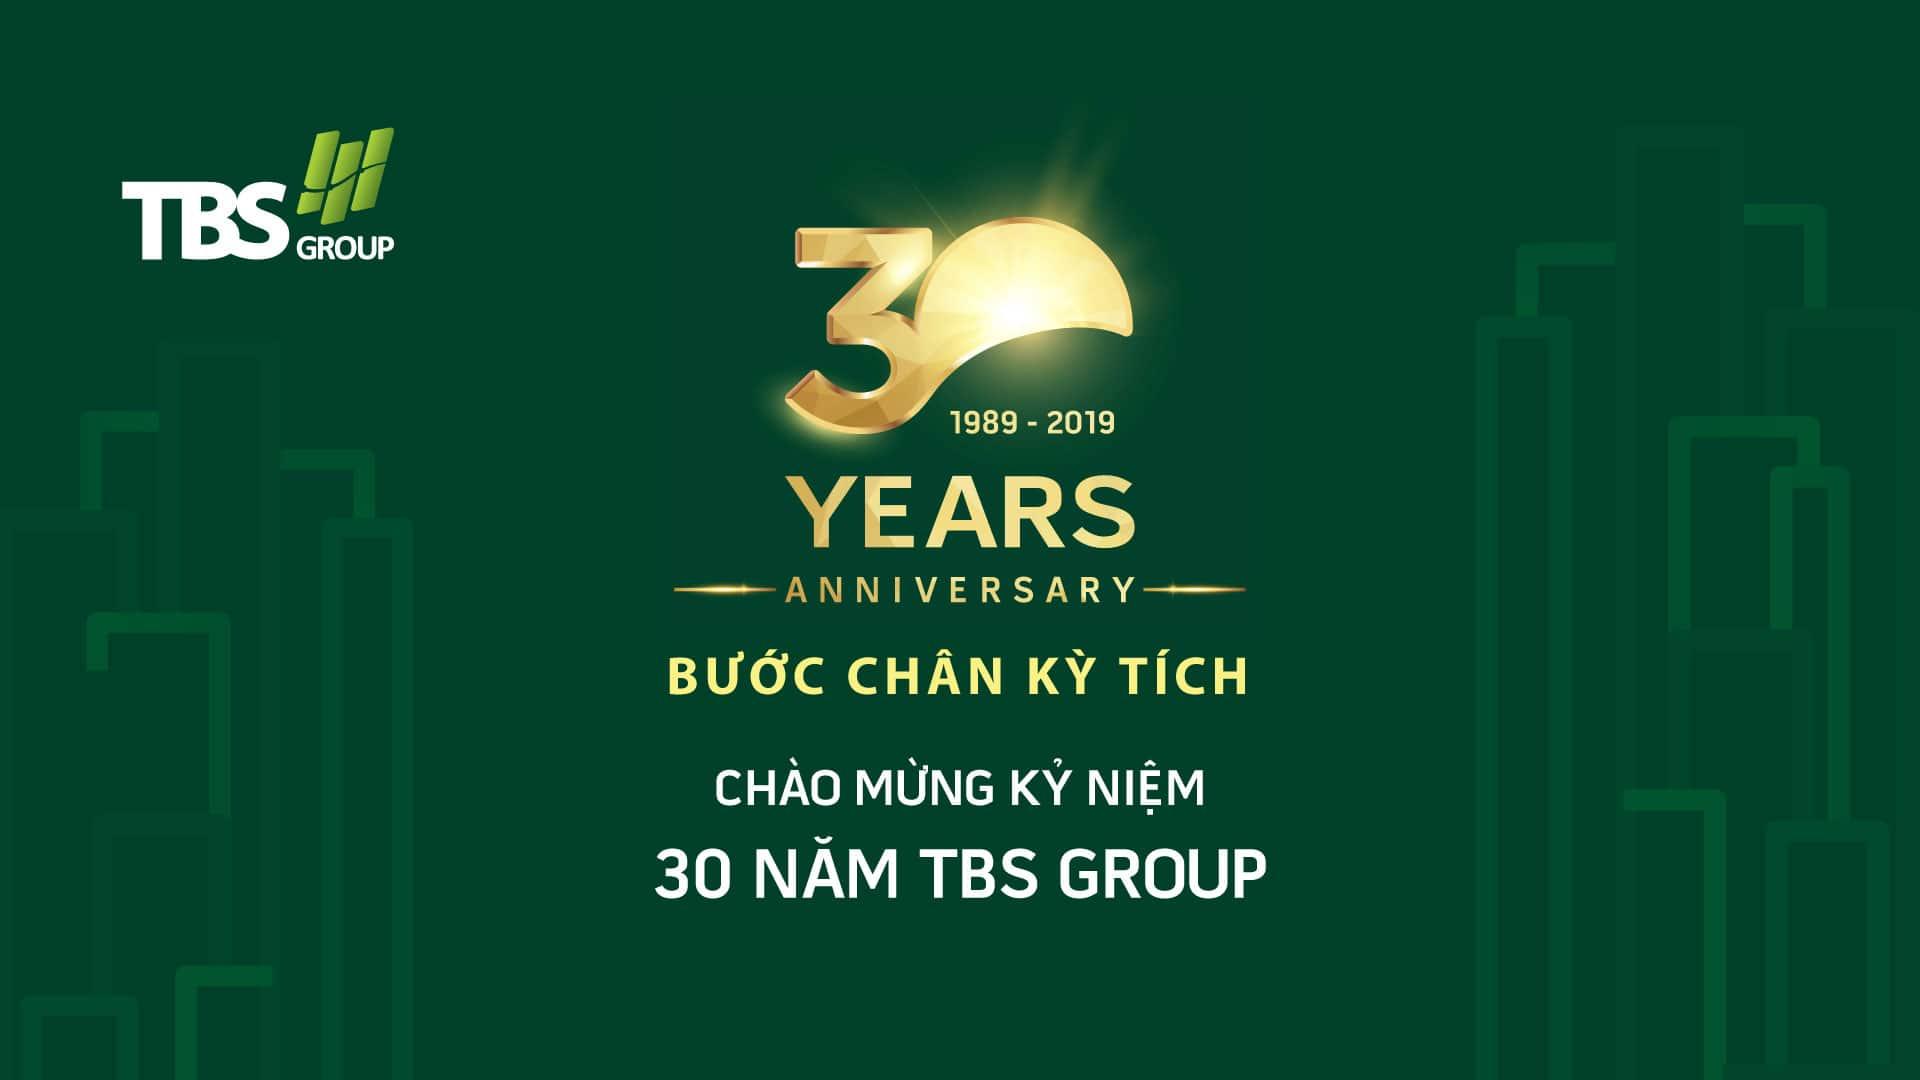 30nam tbs group - TBS GROUP